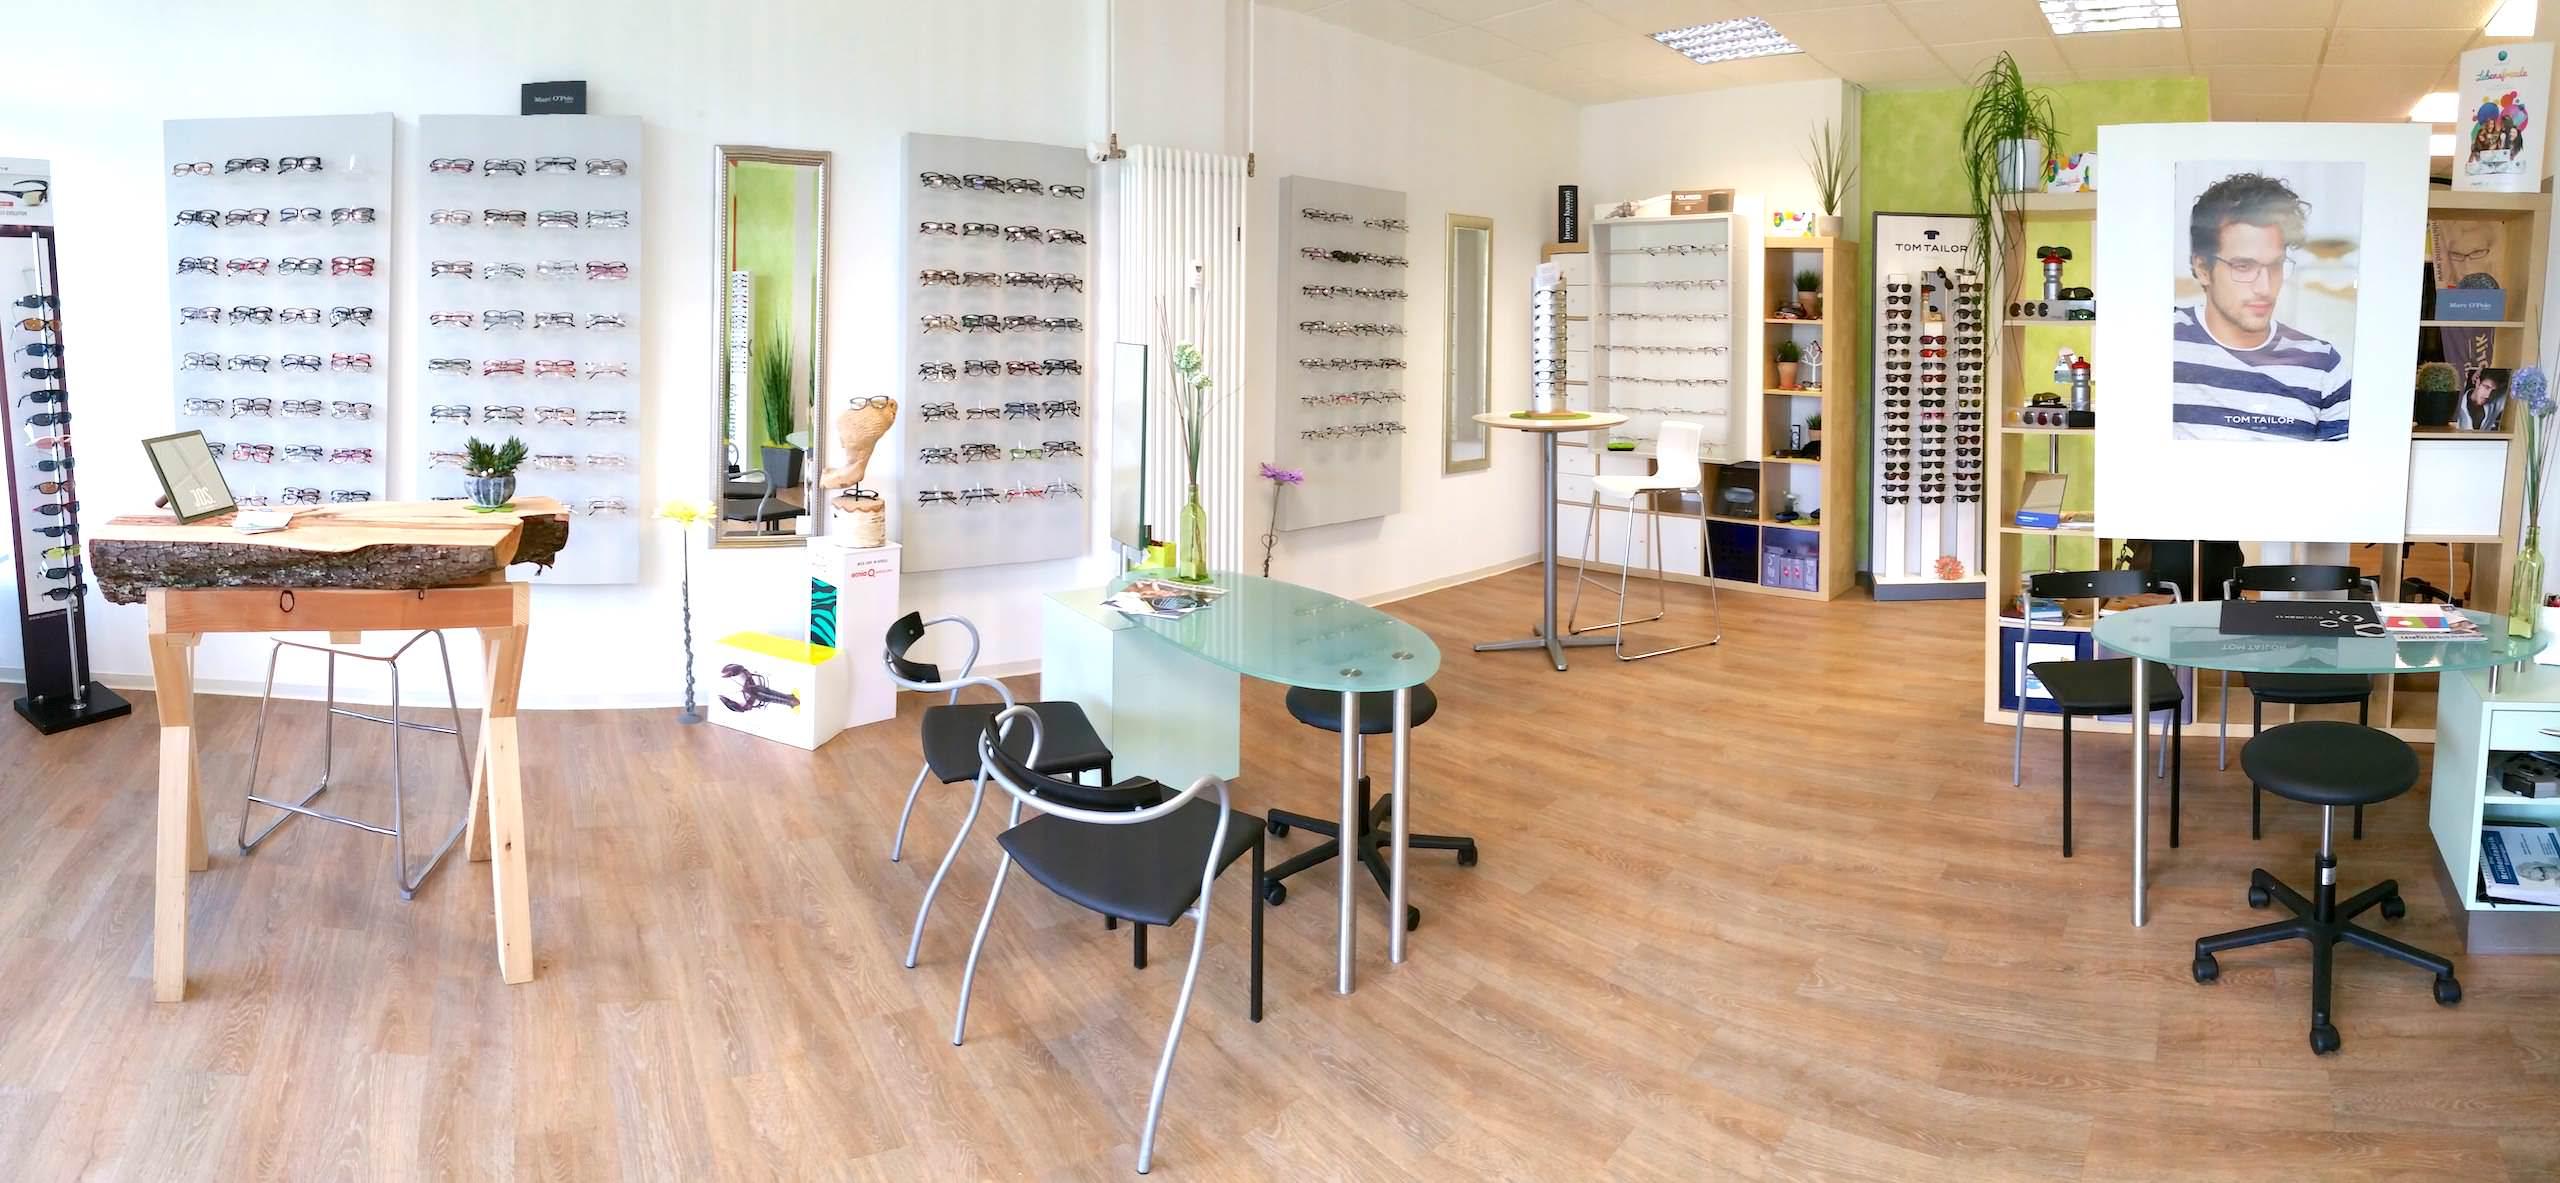 Optiker mit günstigen Brillen | Brillenfabrik Essingen